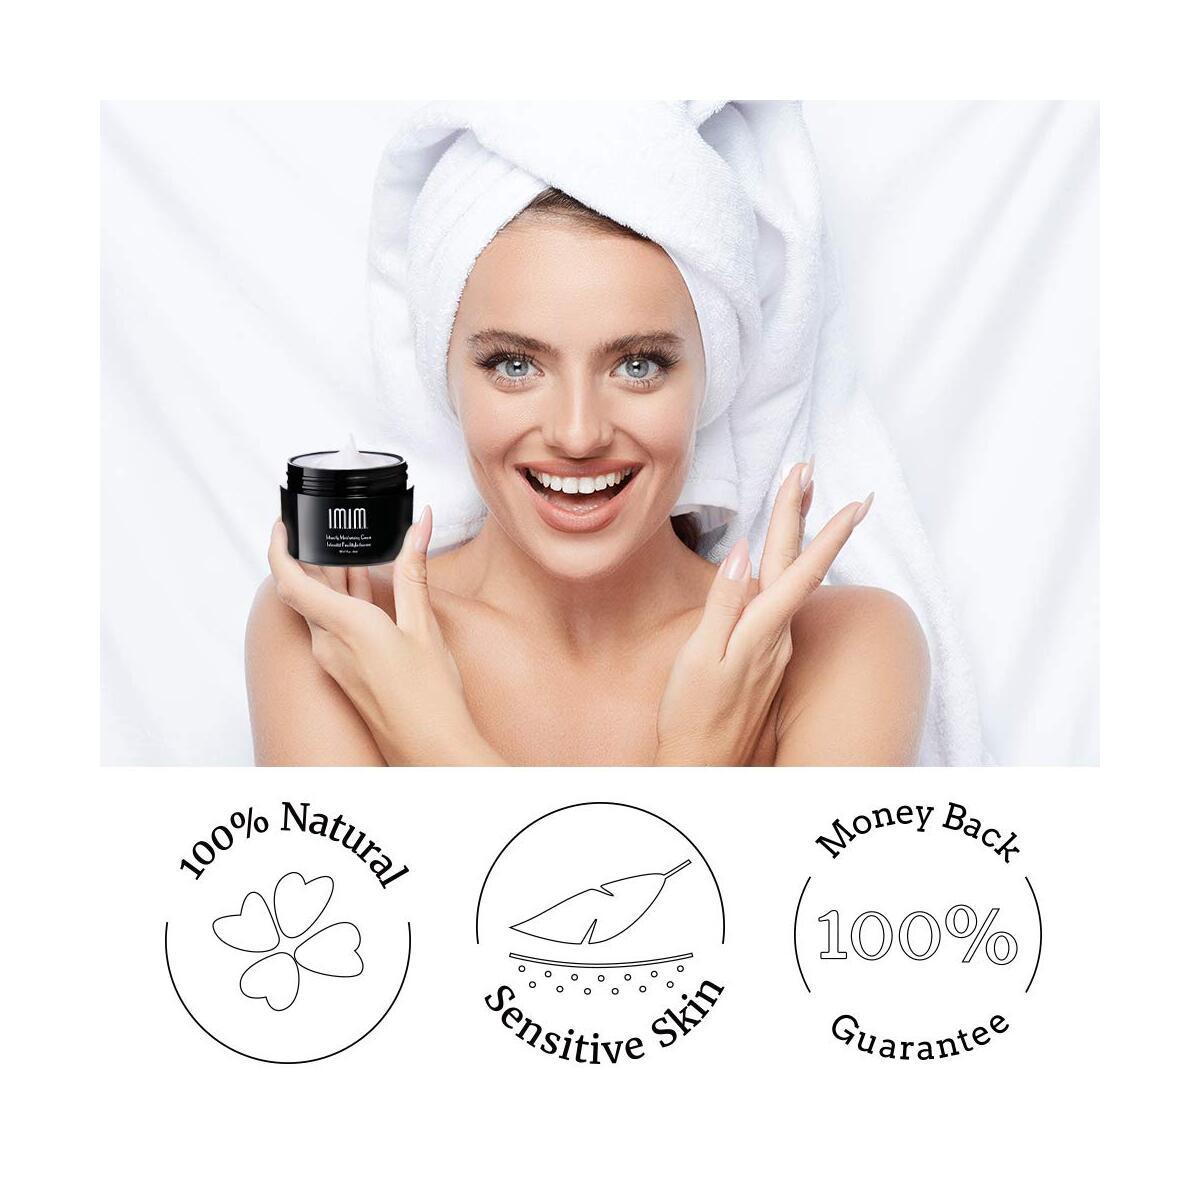 IMIM Moisturizing Face Cream  for Women & Men With Hyaluronic Acid